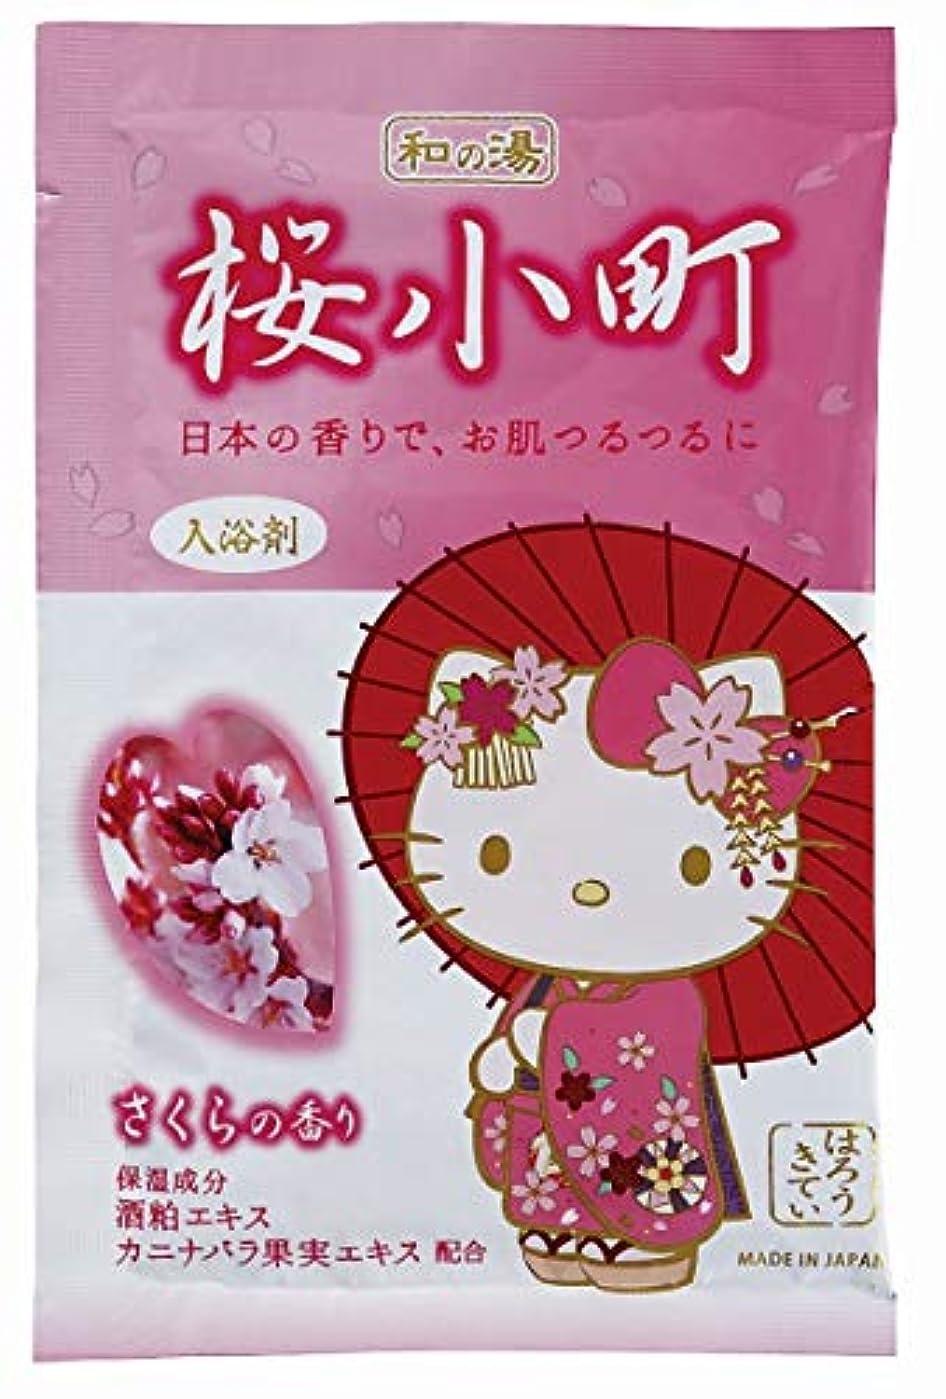 スケッチ娘乗算日本製 made in japan ハローキティ桜小町 N-8722【まとめ買い12個セット】